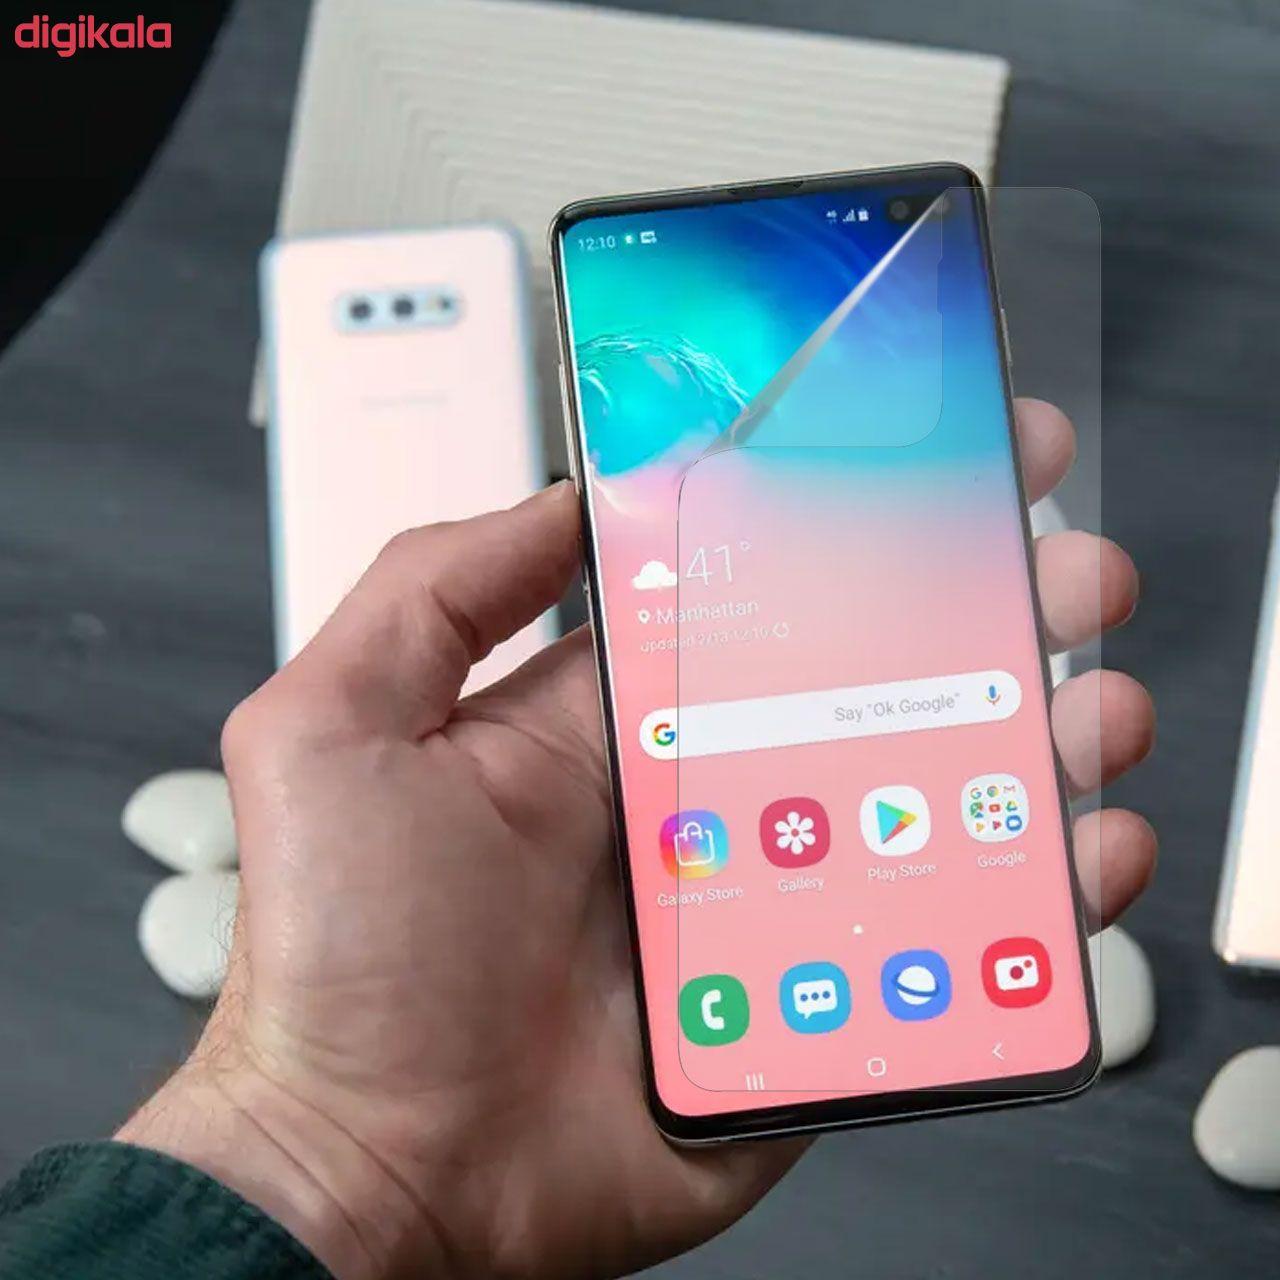 محافظ صفحه نمایش نانو هورس مدل FSN مناسب برای گوشی موبایل سامسونگ Galaxy S10 Plus main 1 6